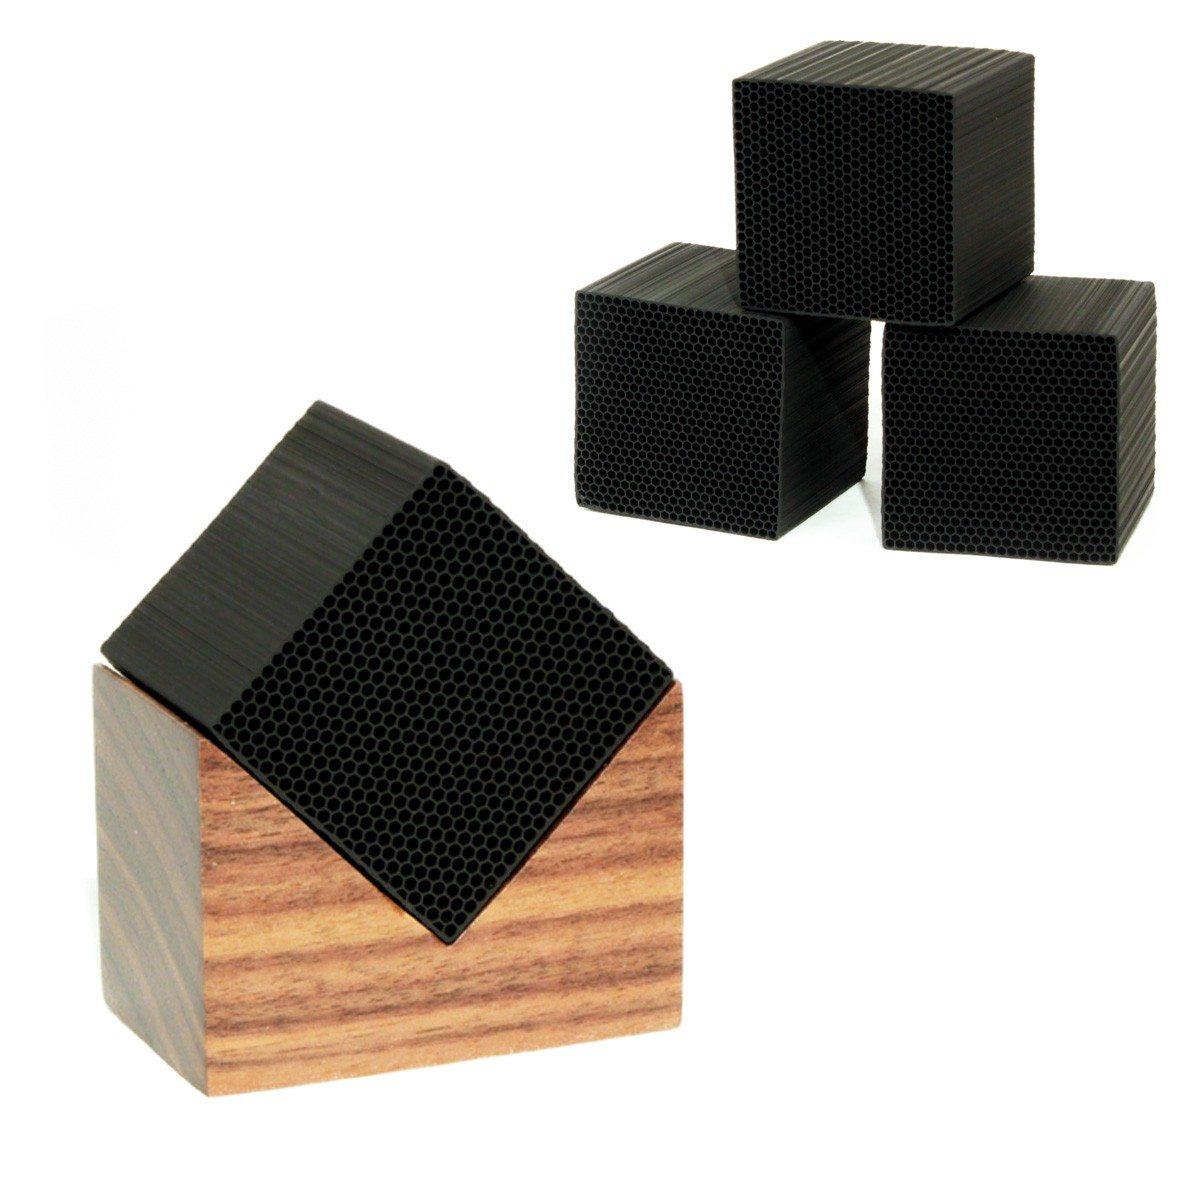 Chikuno Cube - Der japanische Luftreiniger